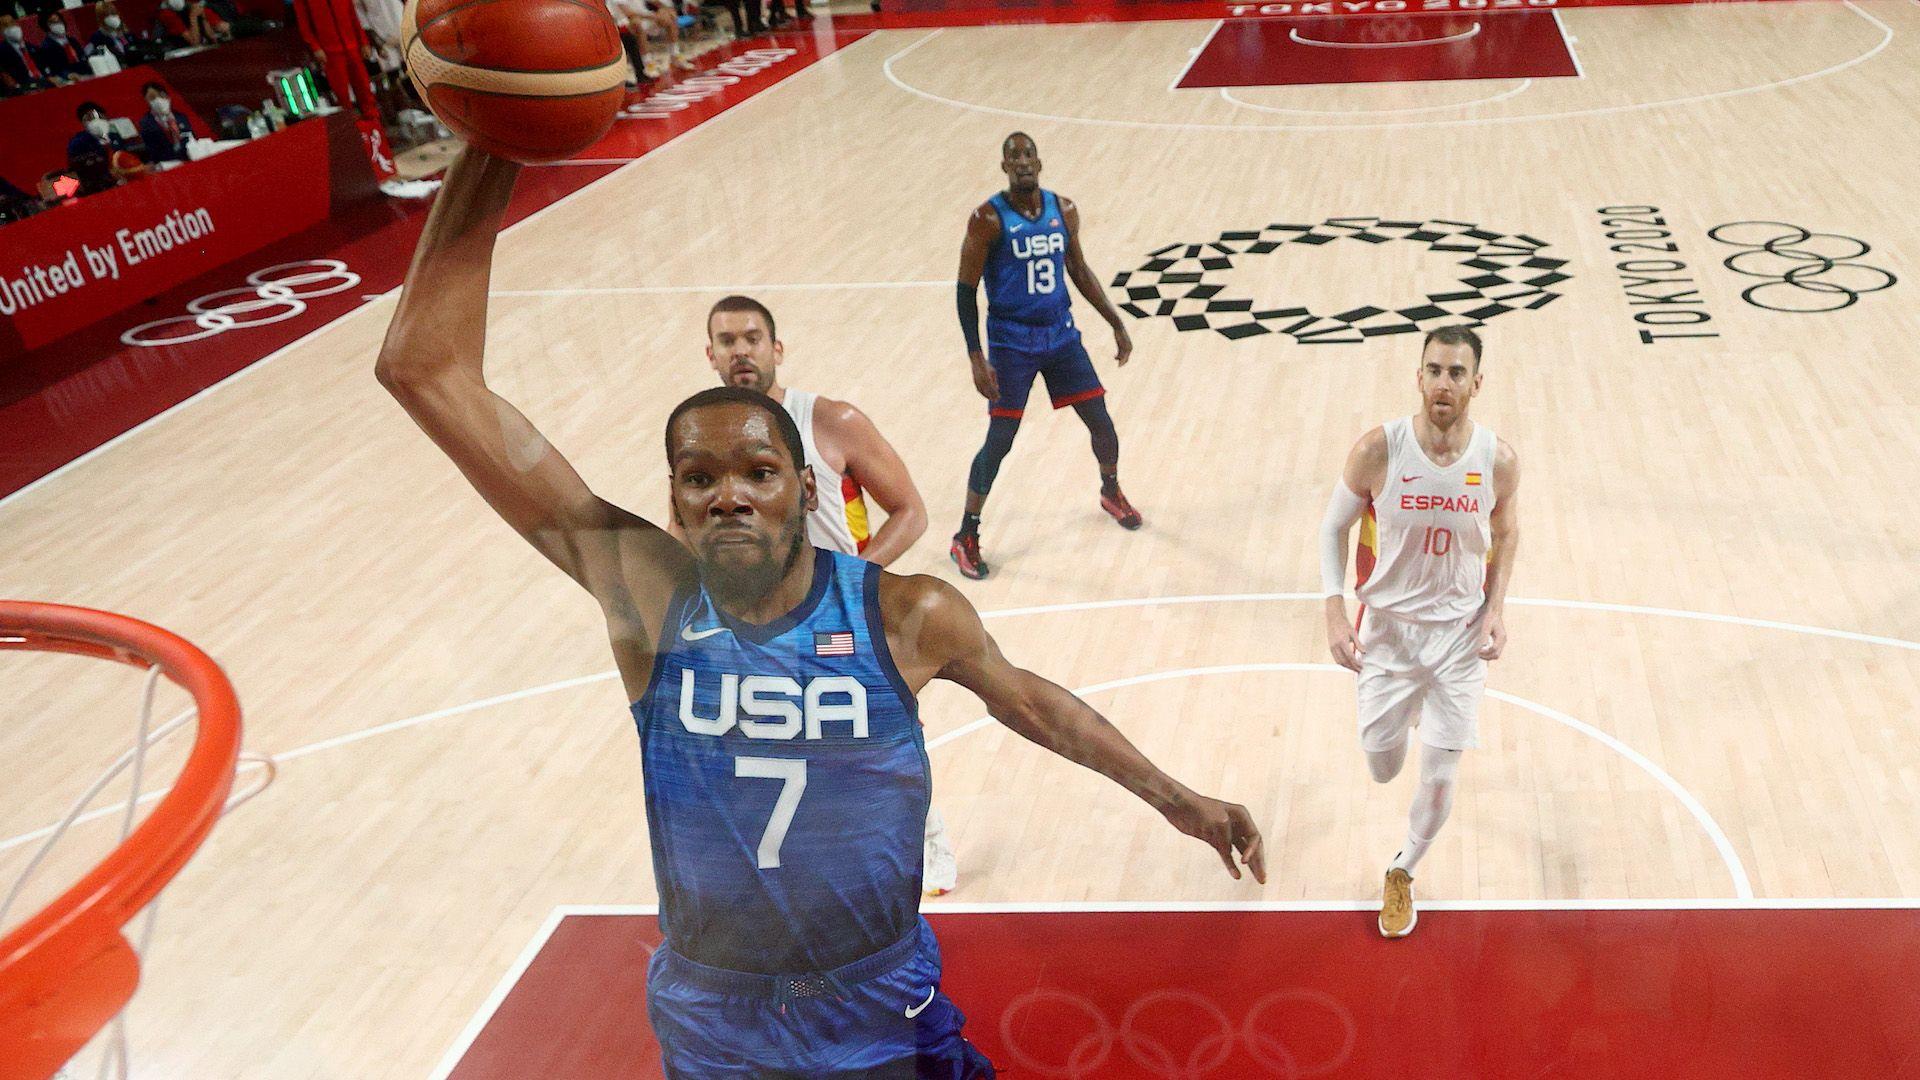 САЩ отне олимпийската мечта на Испания за пети пореден път